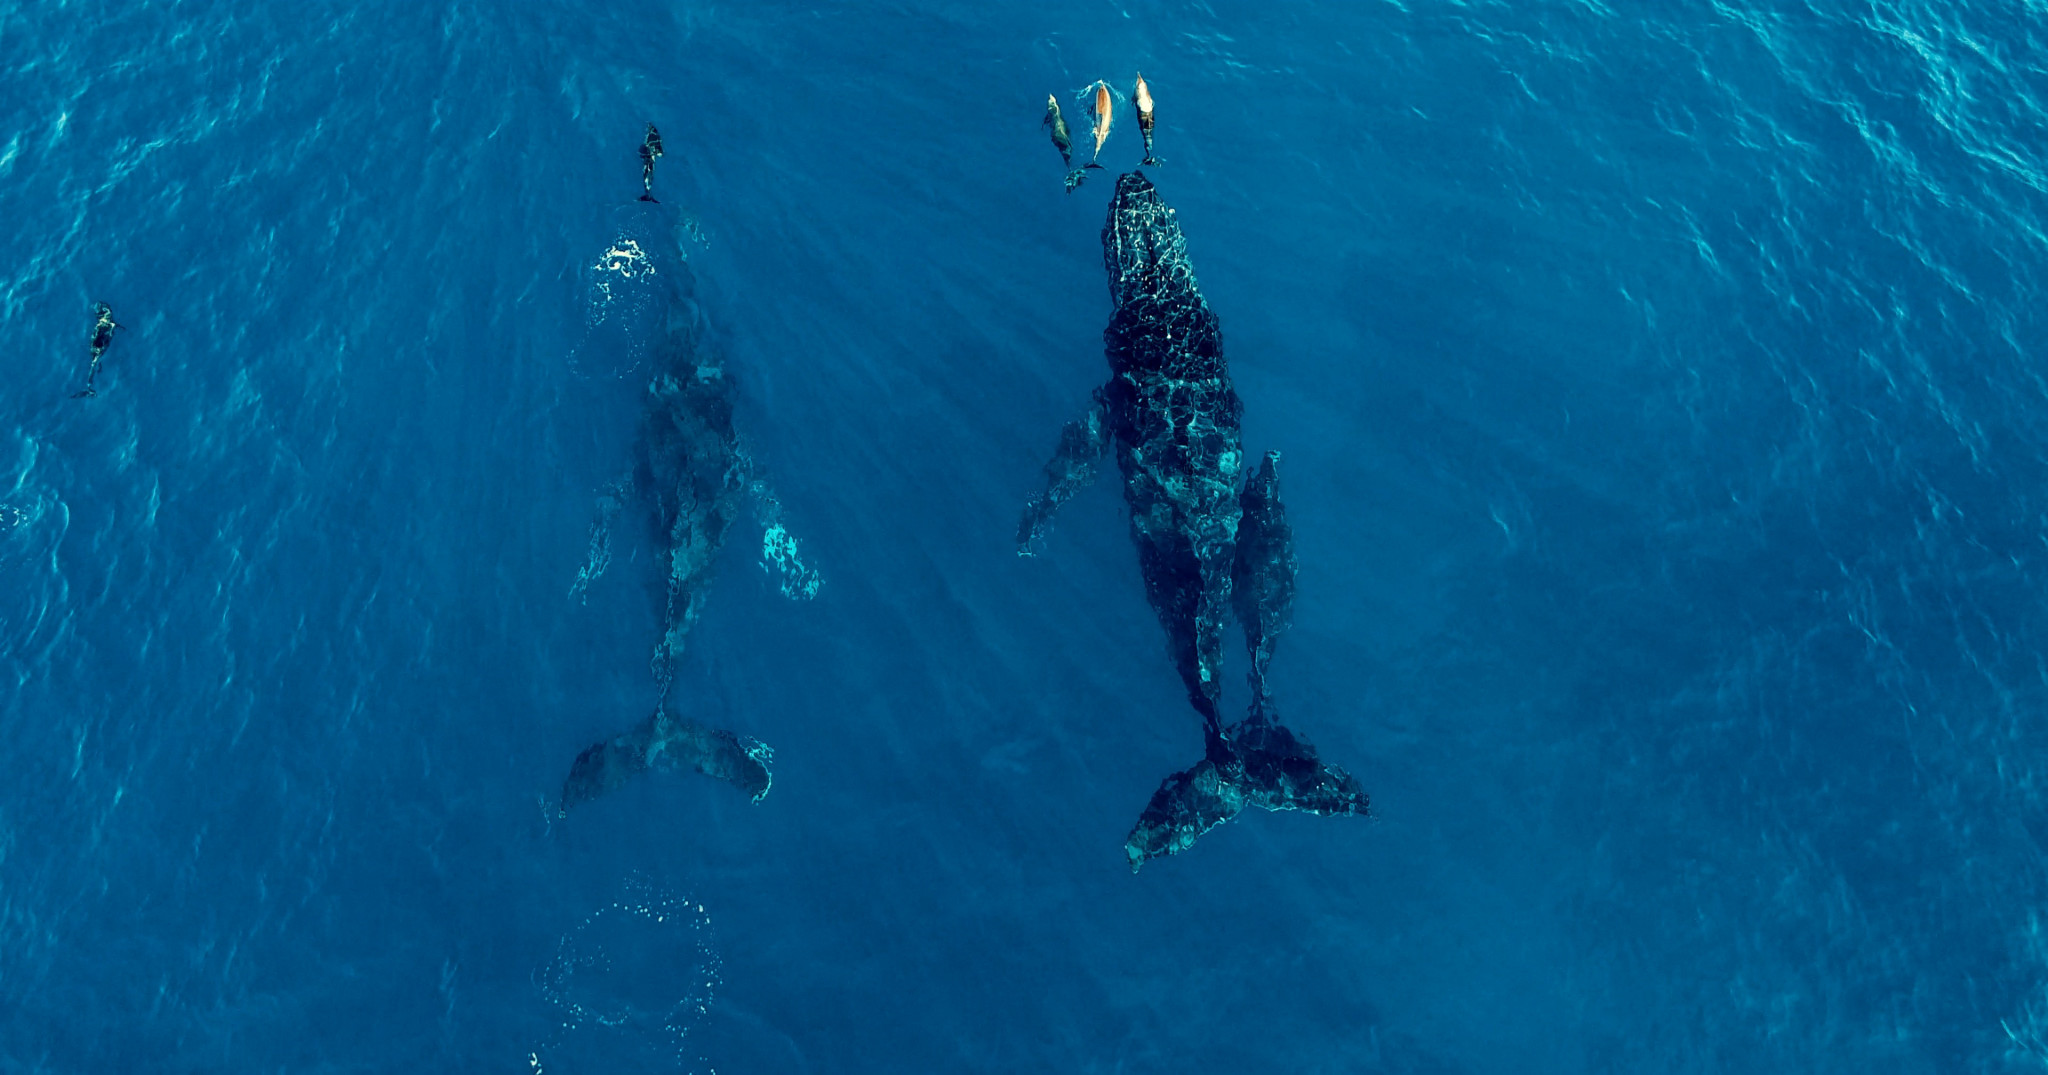 Seaspiracy : 9 infos mises en lumière par le documentaire (et leur véracité) - 2